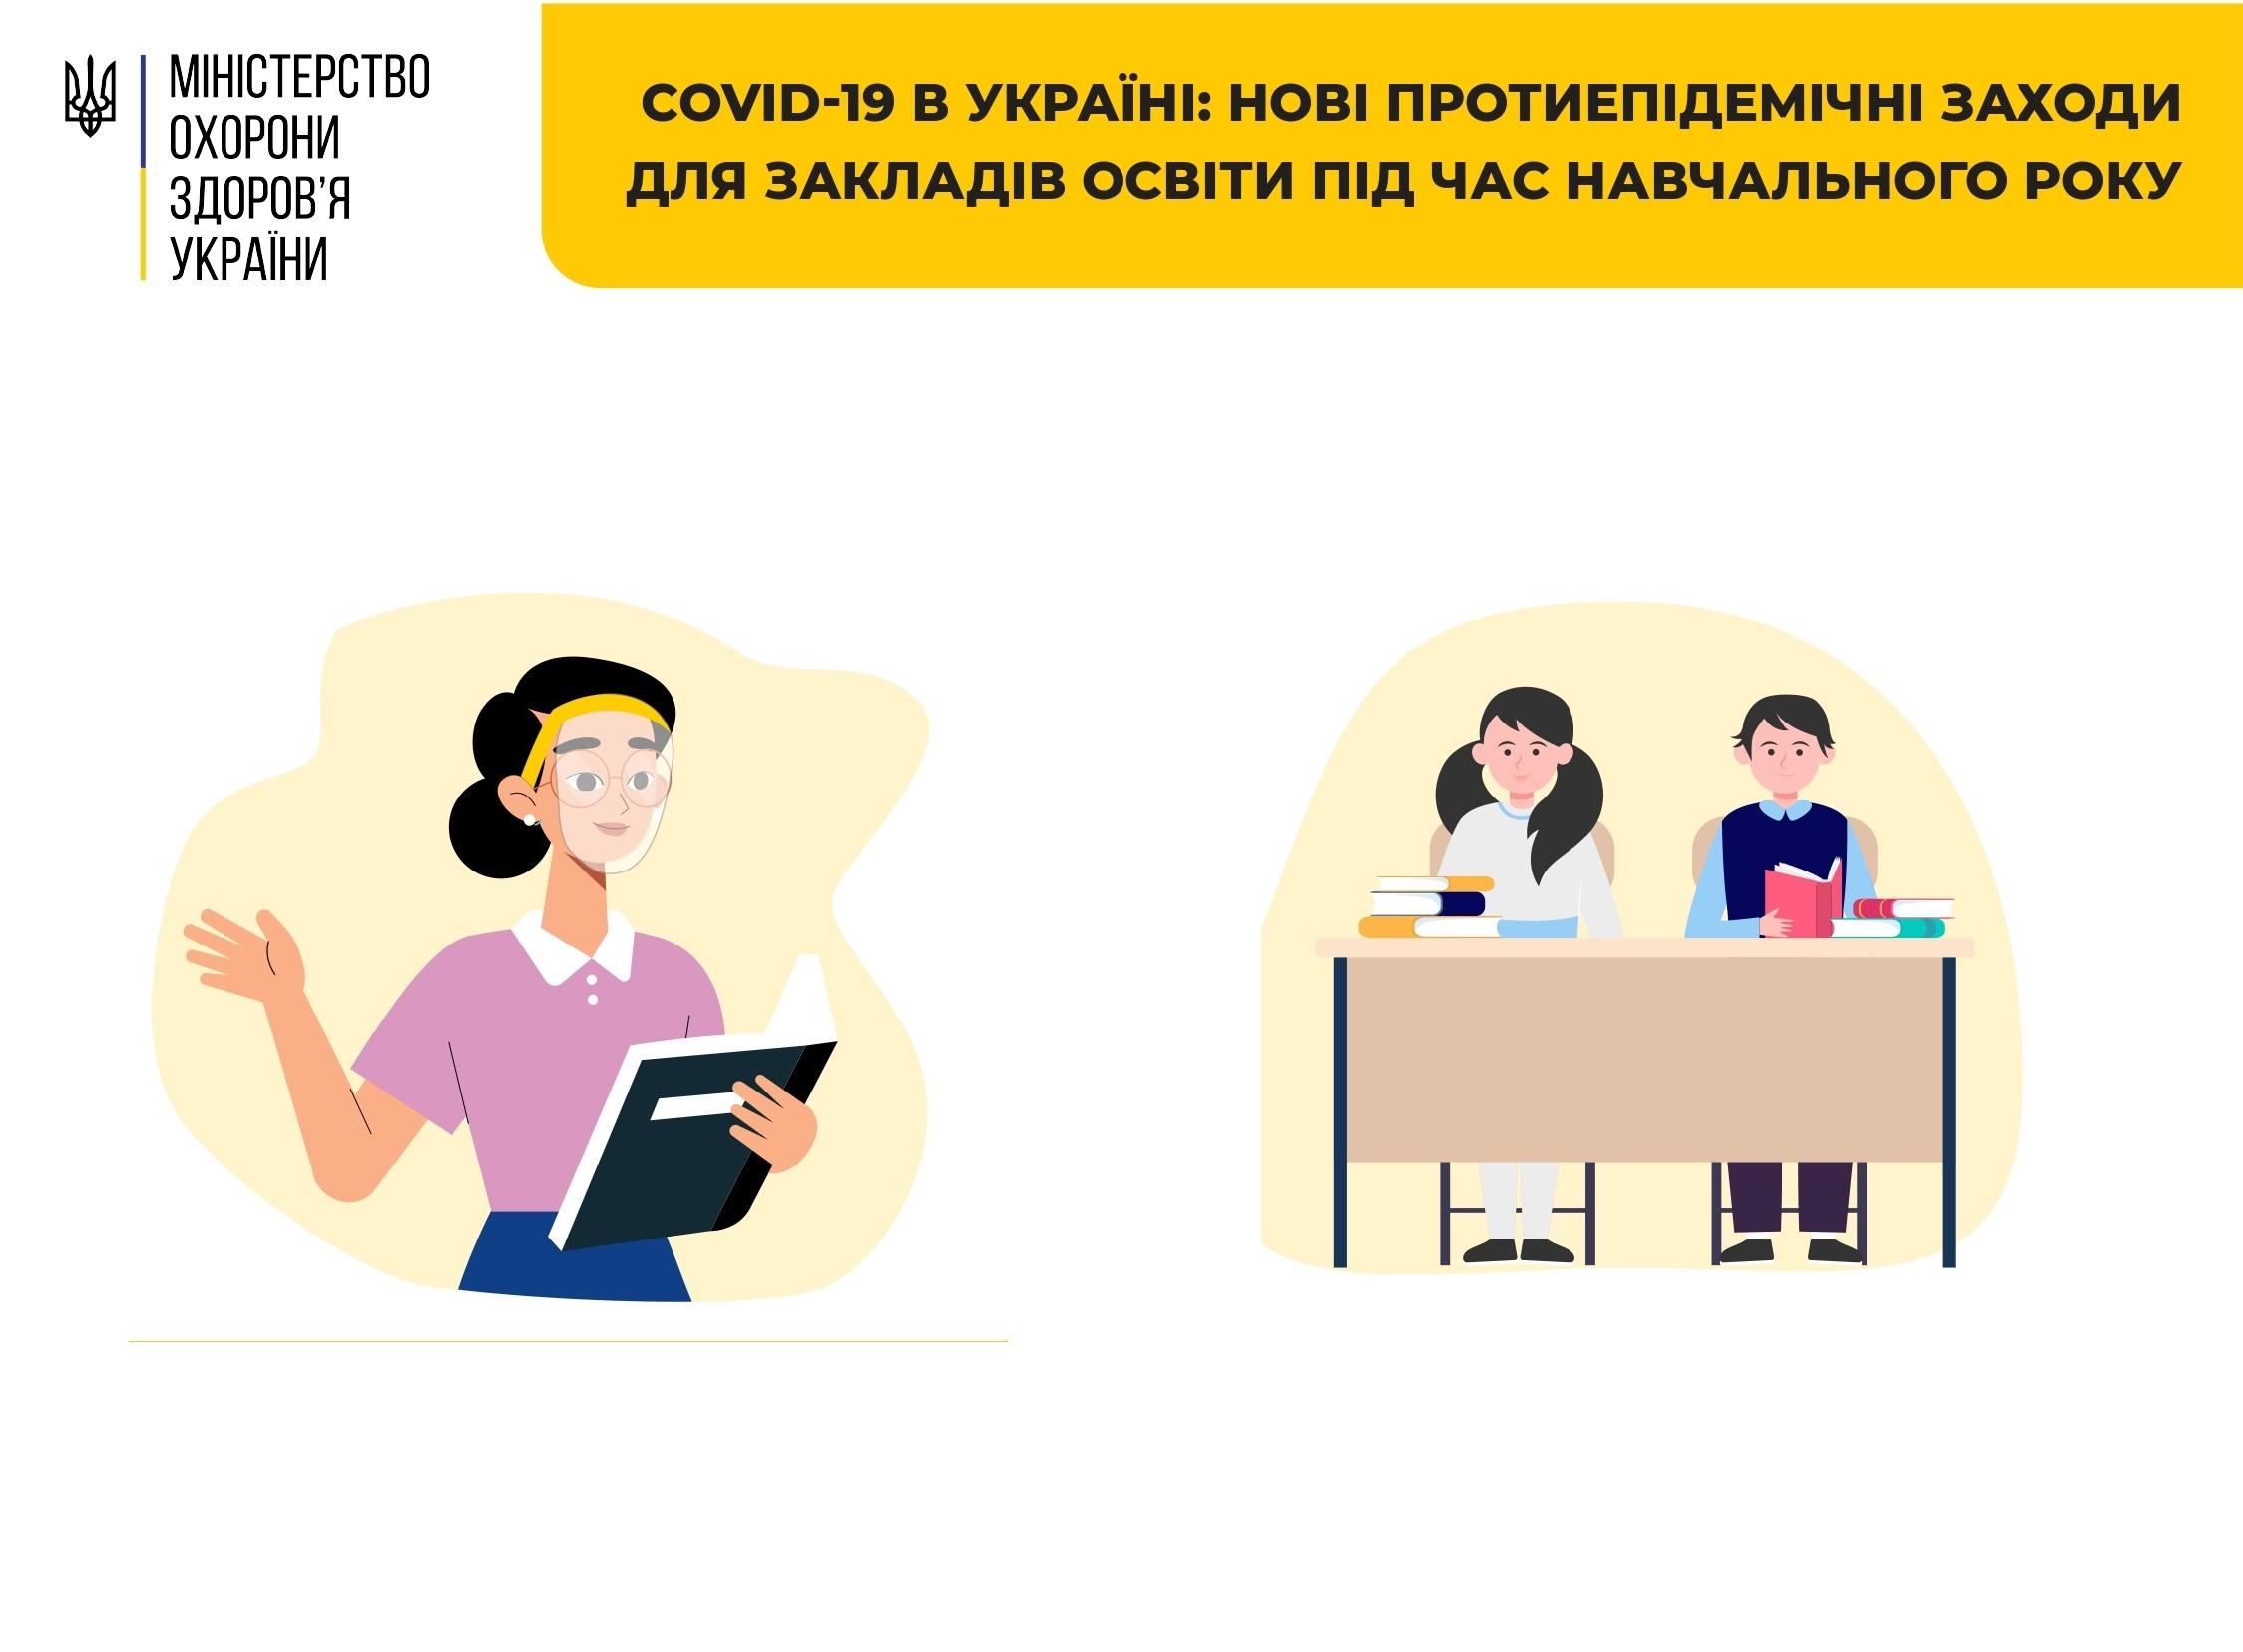 МОЗ розробило серію рекомендацій та правил безпечного навчання дітей у освітніх закладах.